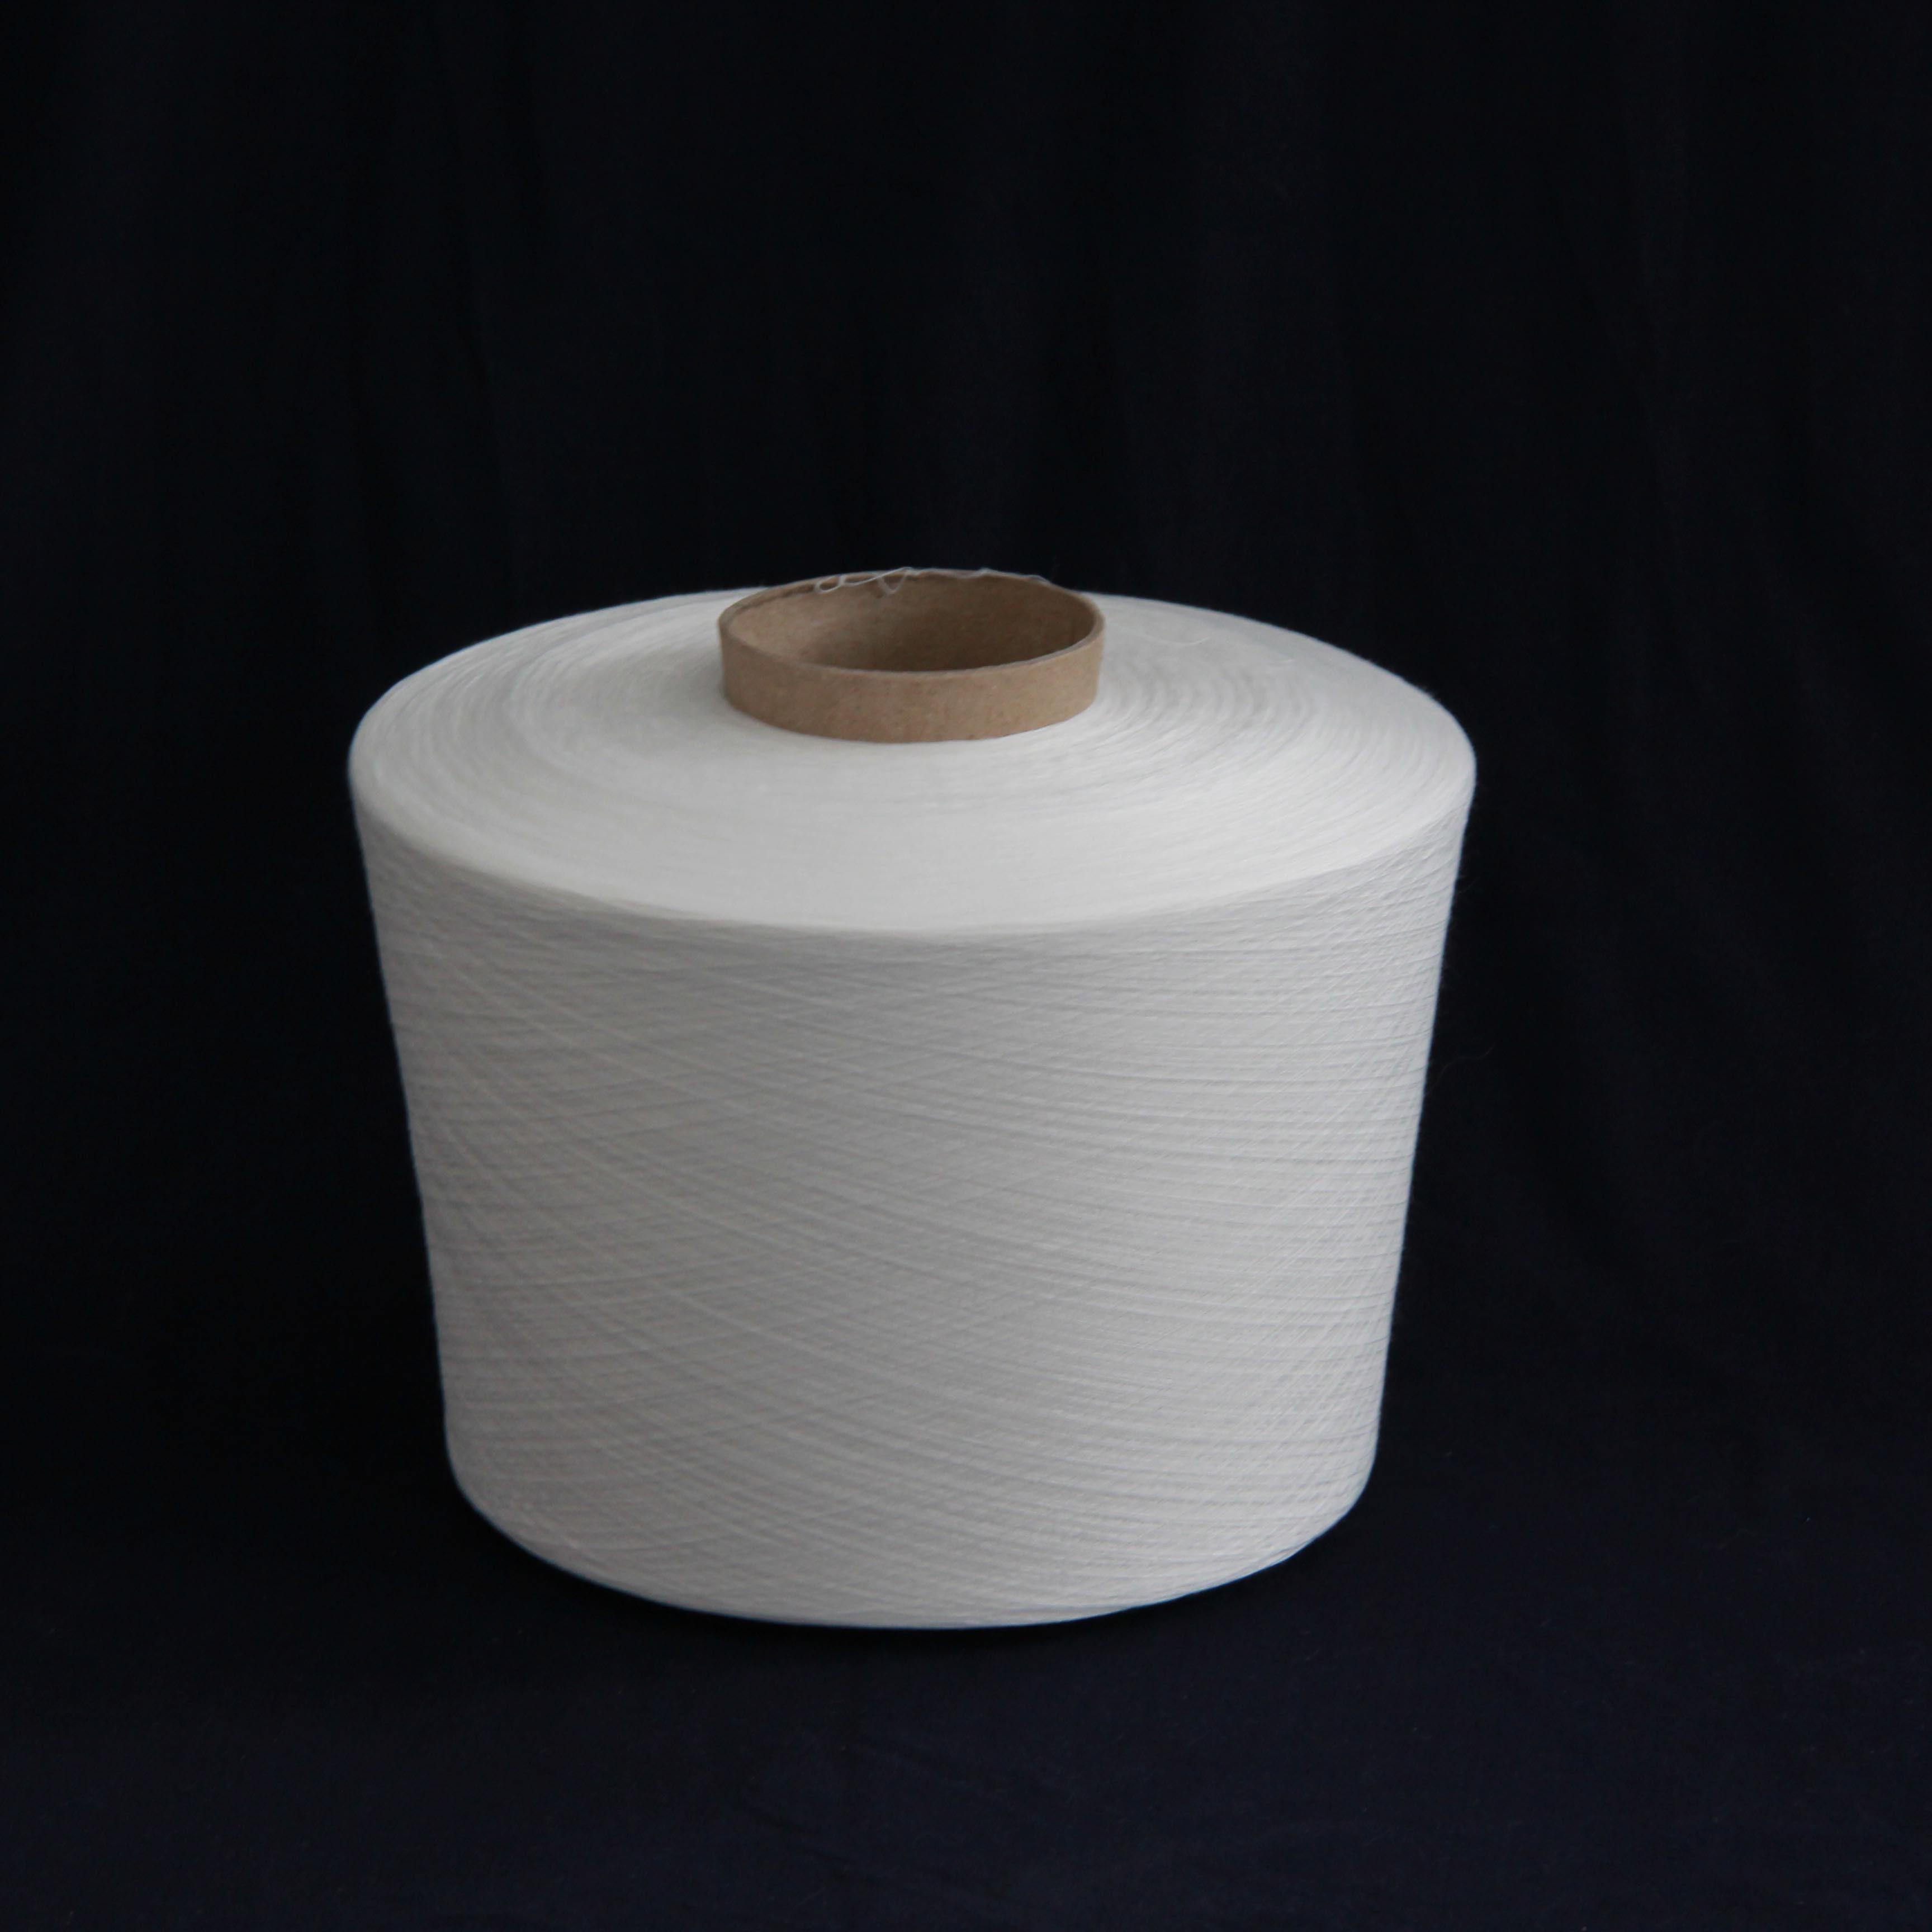 50/1 100% Polyester Spun Yarn